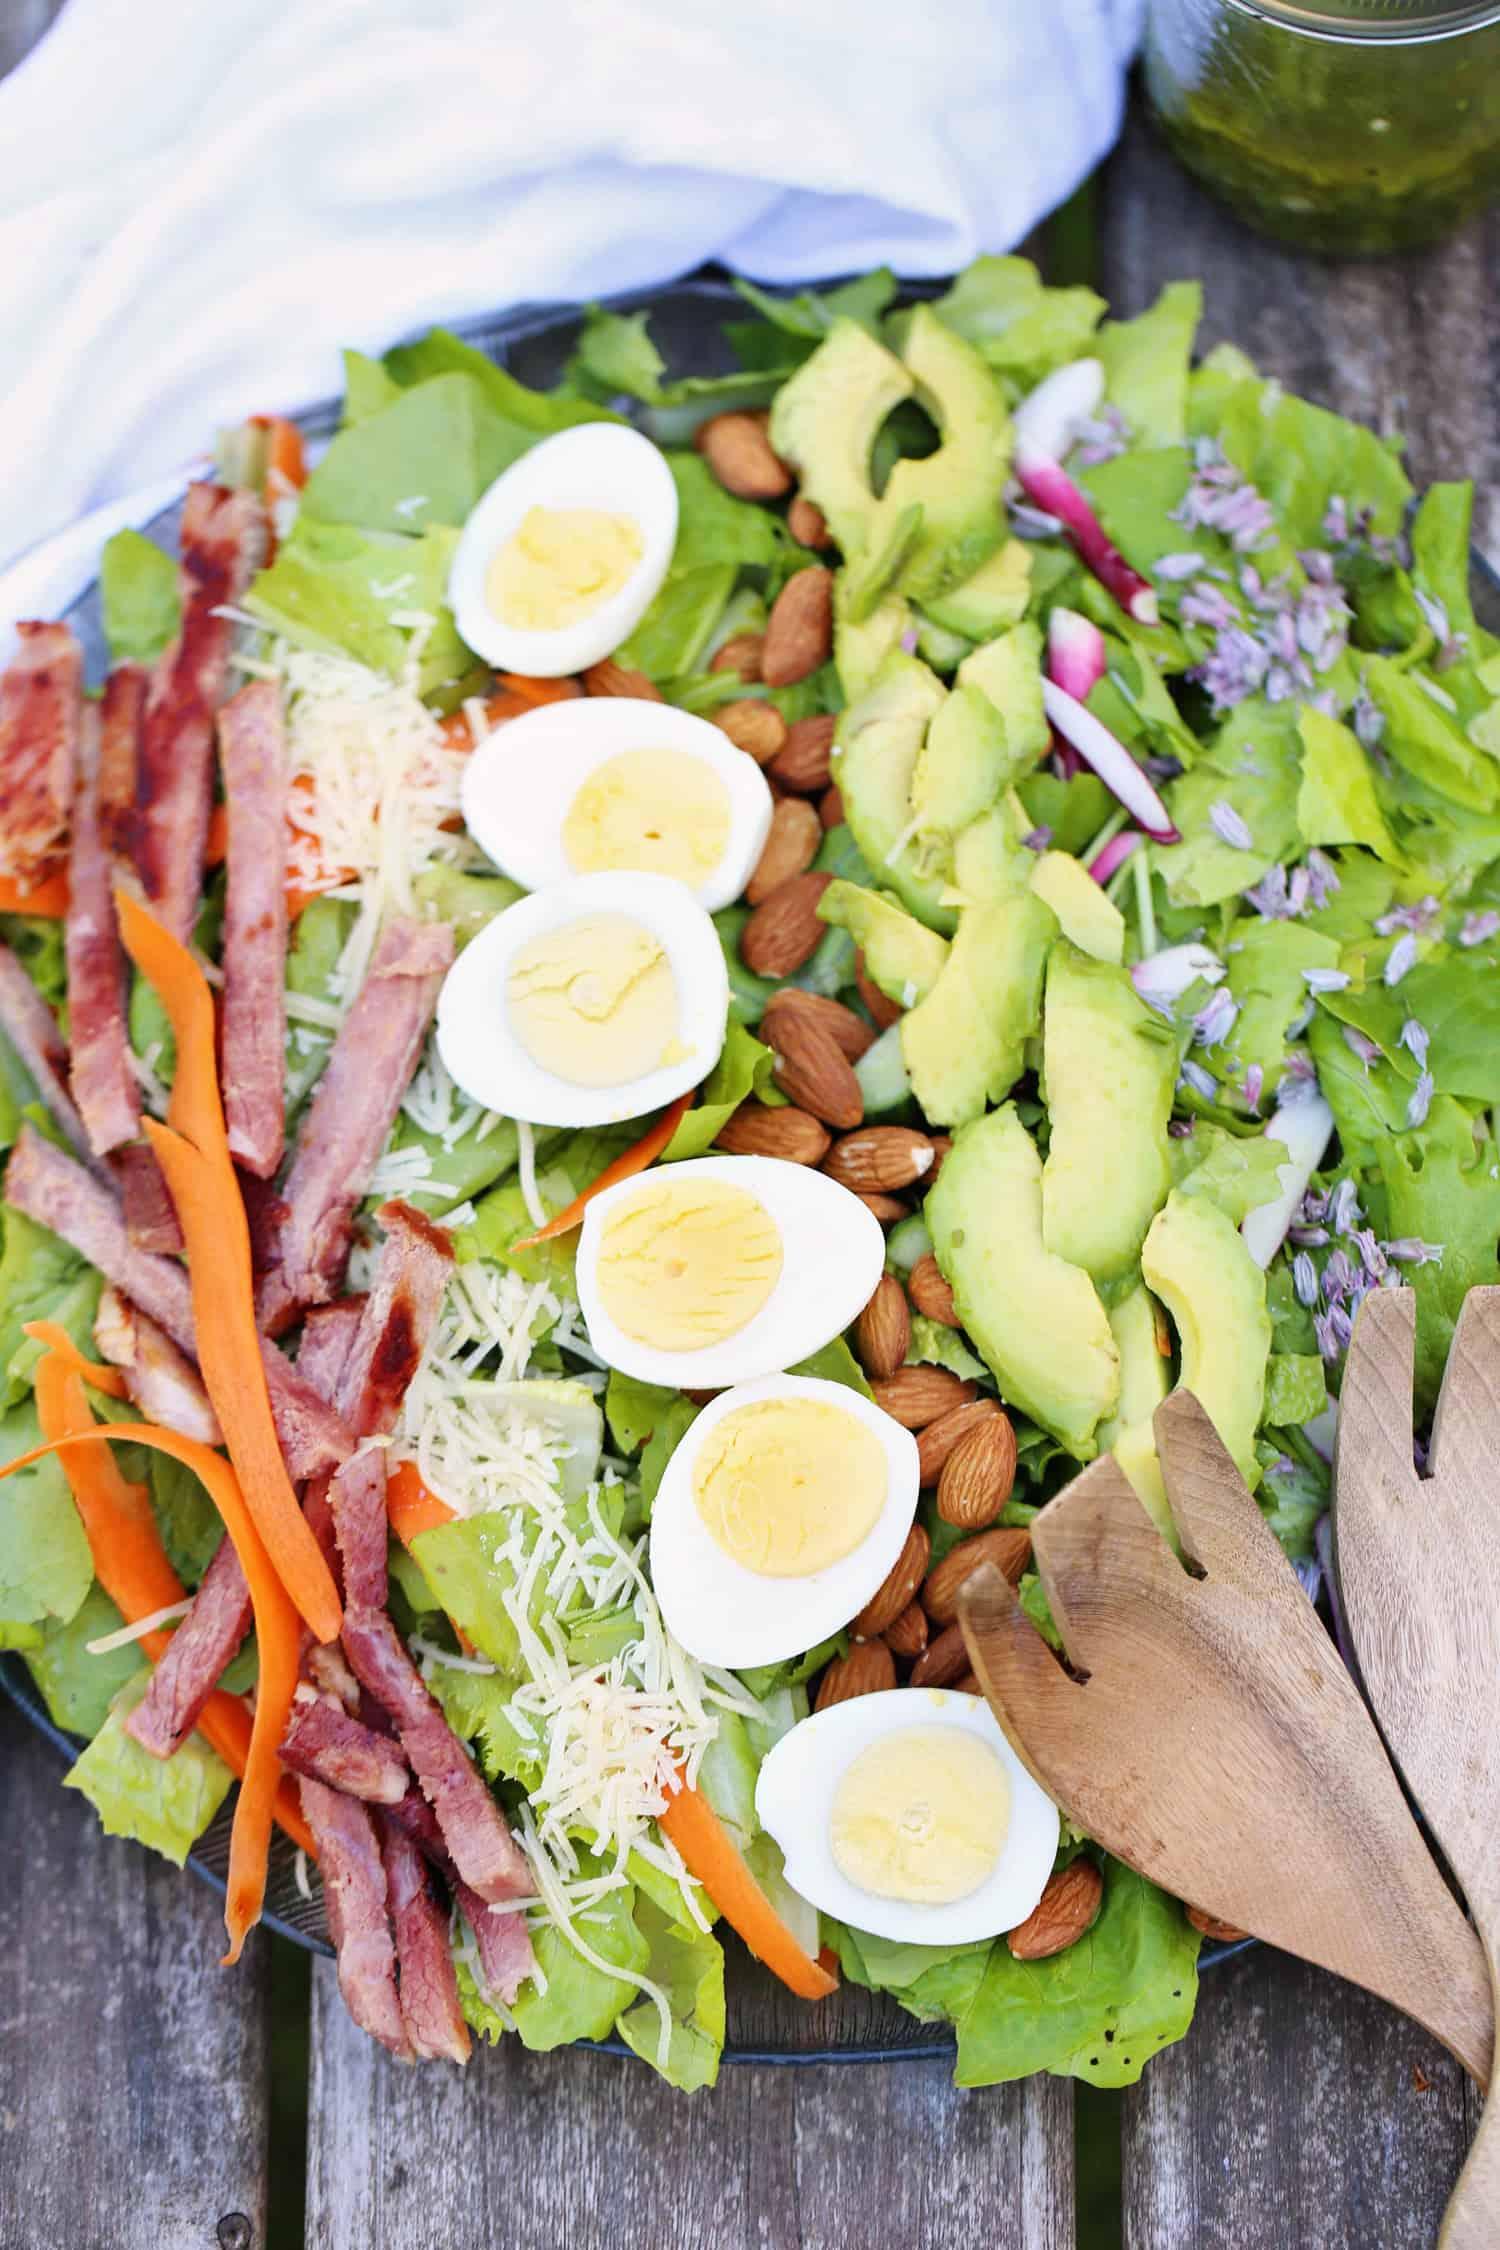 Chef Garden: CHEF'S GARDEN SALAD WITH HERB CIDER VINAIGRETTE · ONE